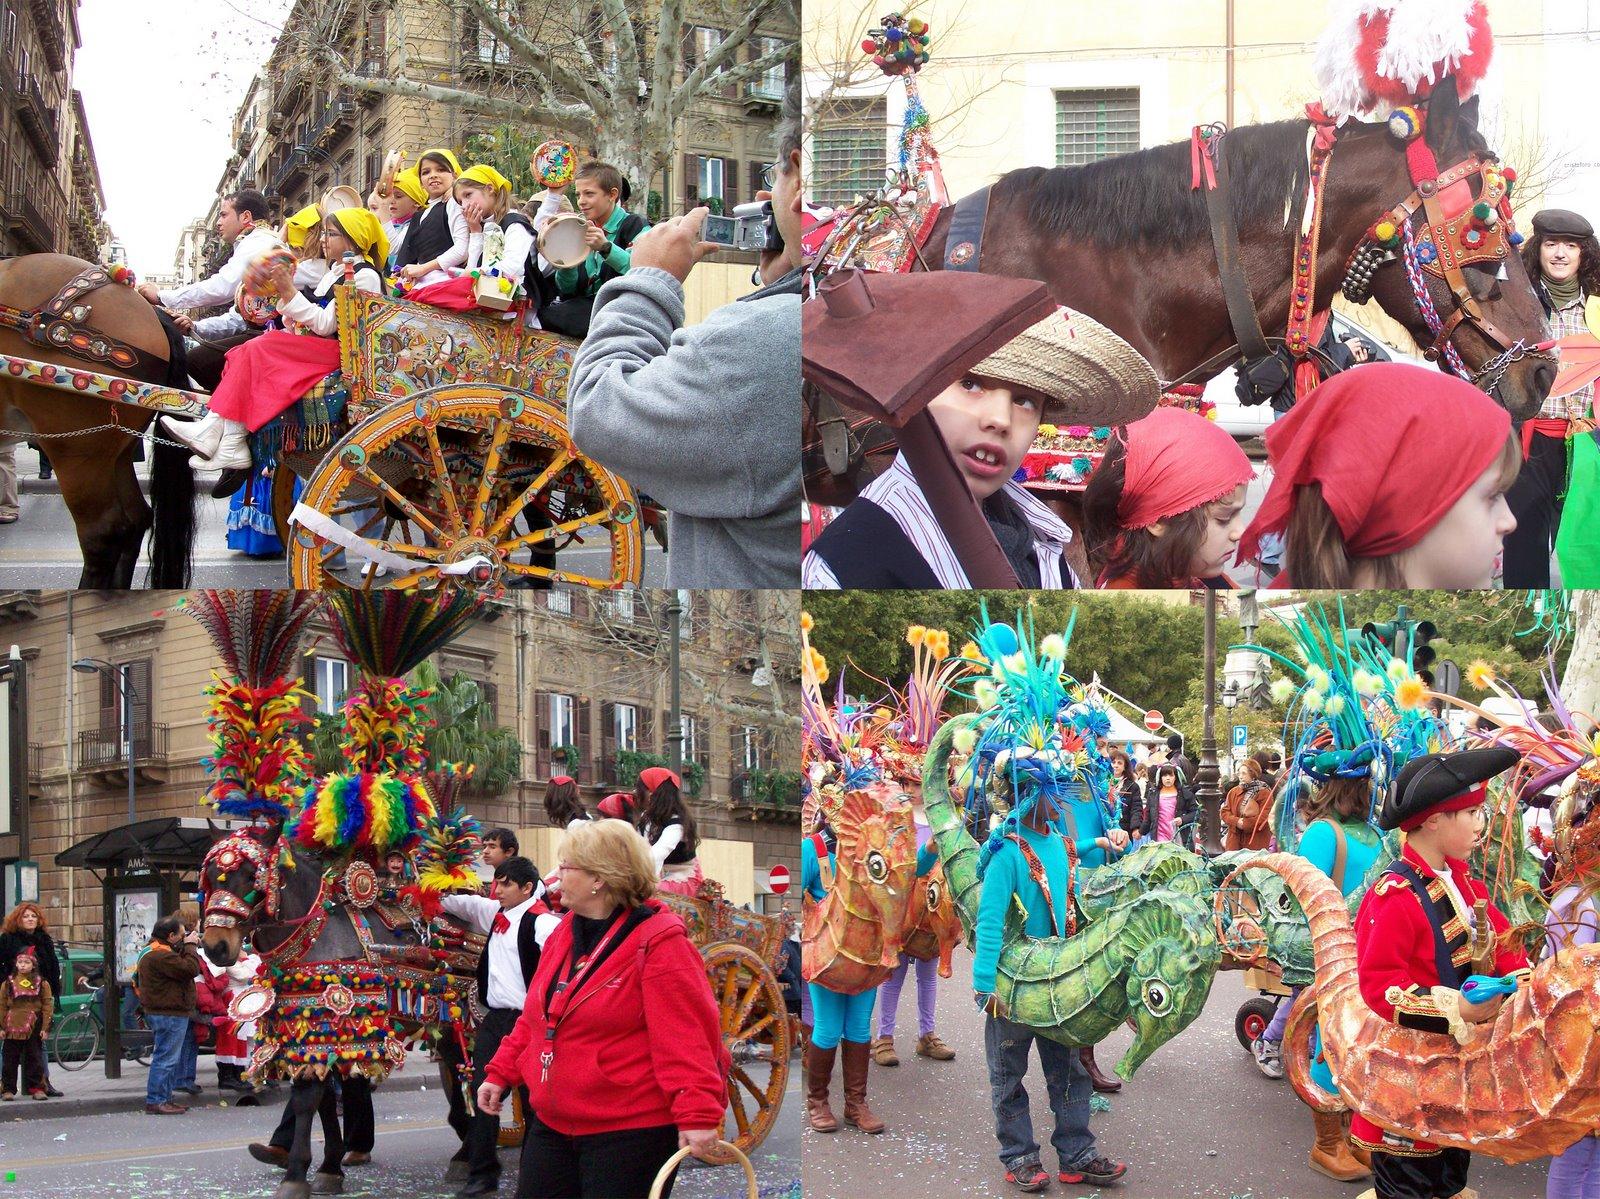 Blog Agave A Dalla Sicilia Palermo Carnevale tPZ7qpwY